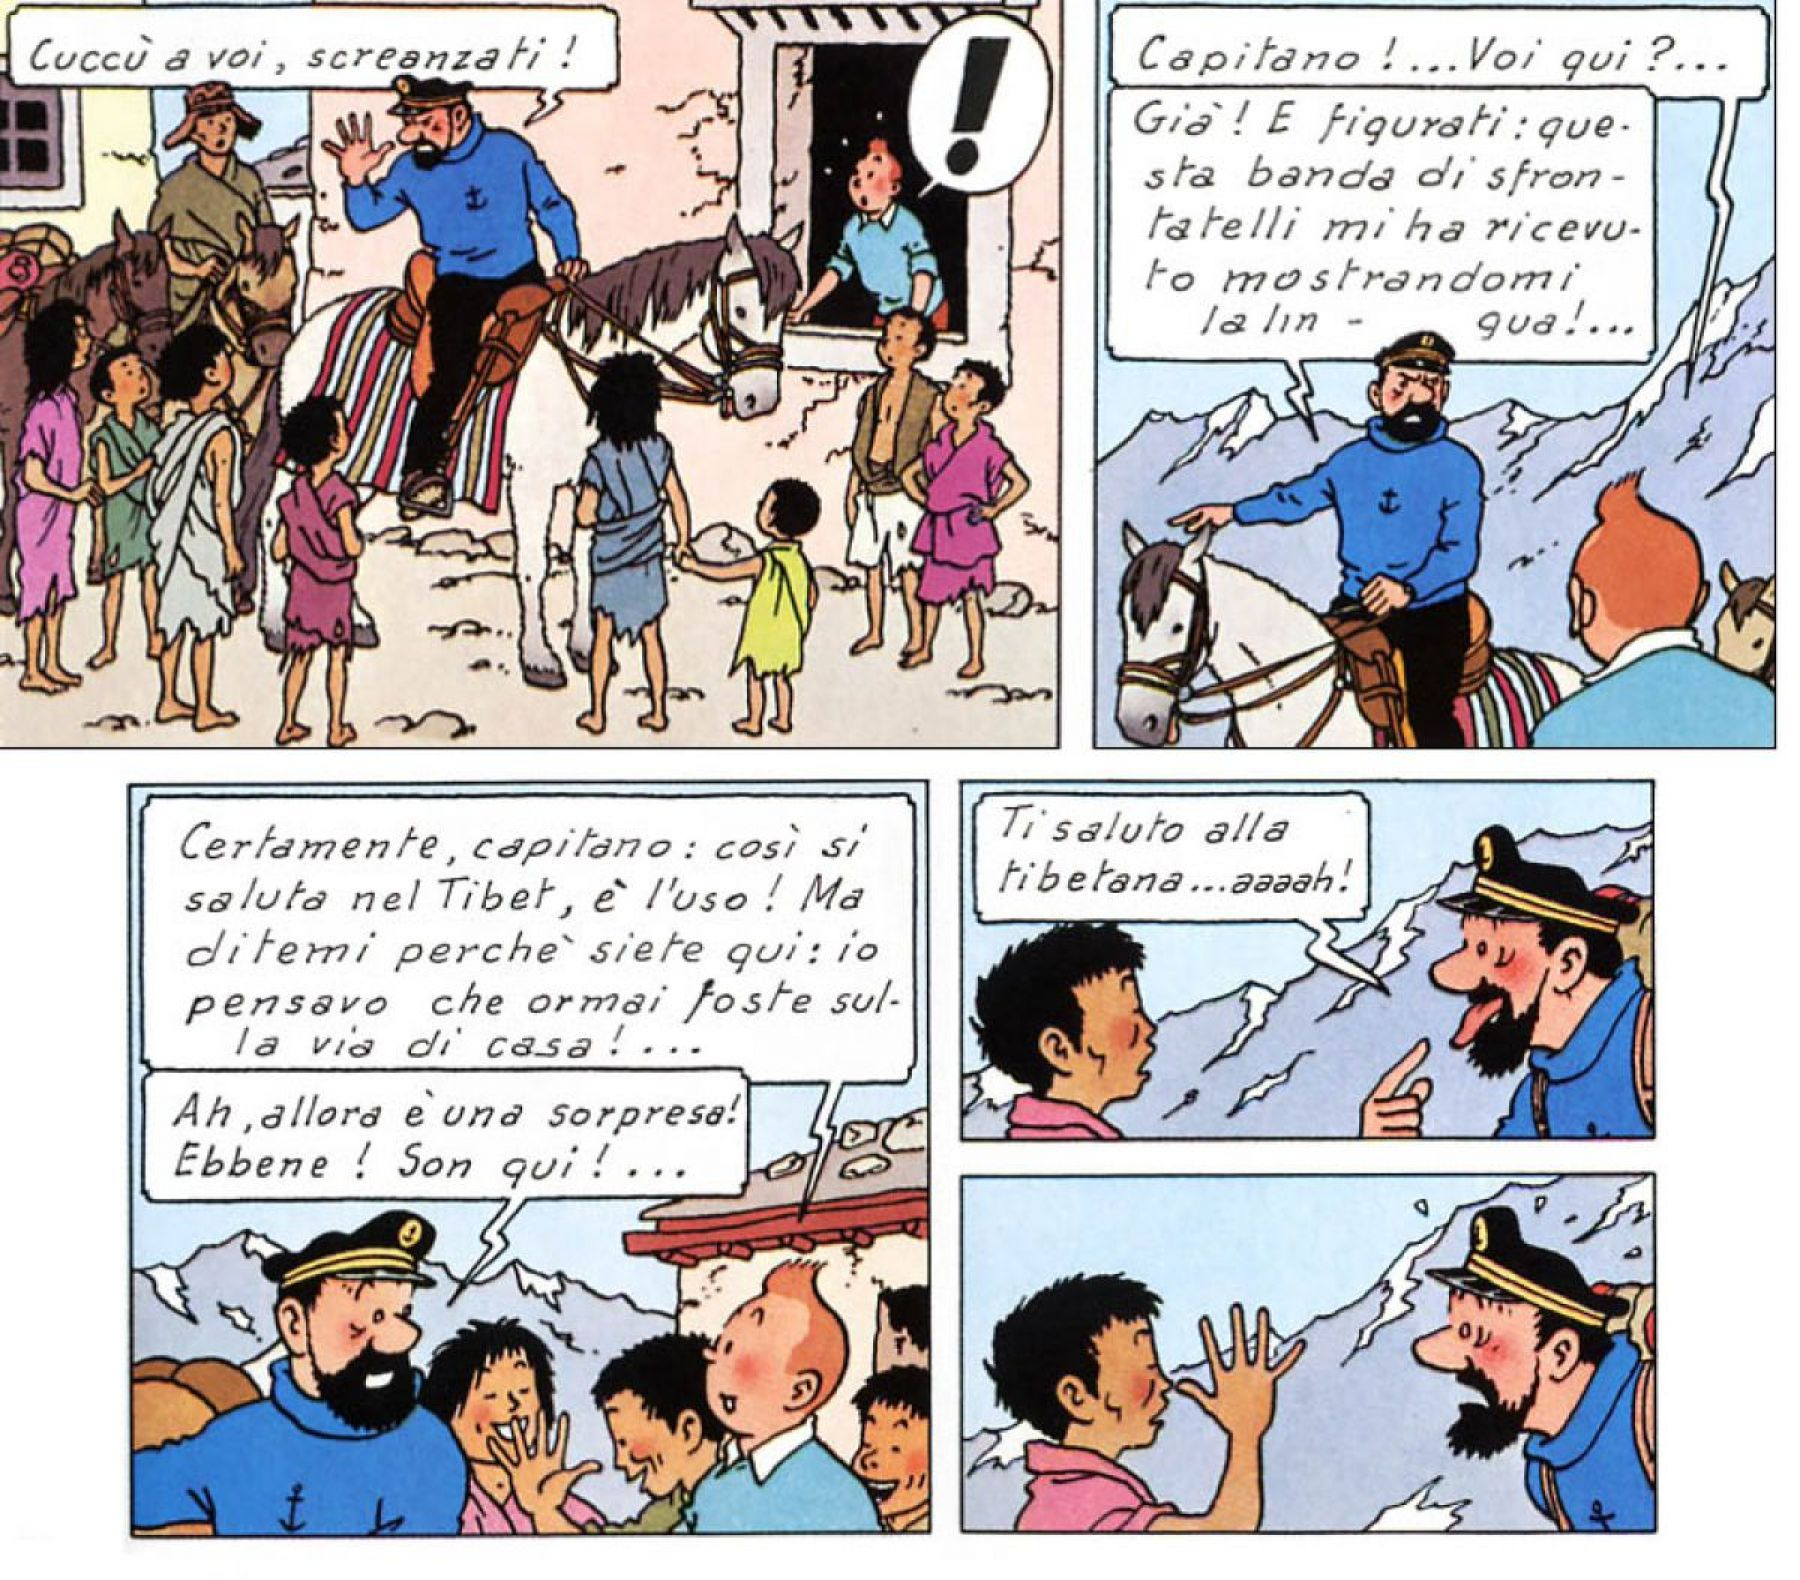 Master in comunicazione interculturale al Capitan Haddock